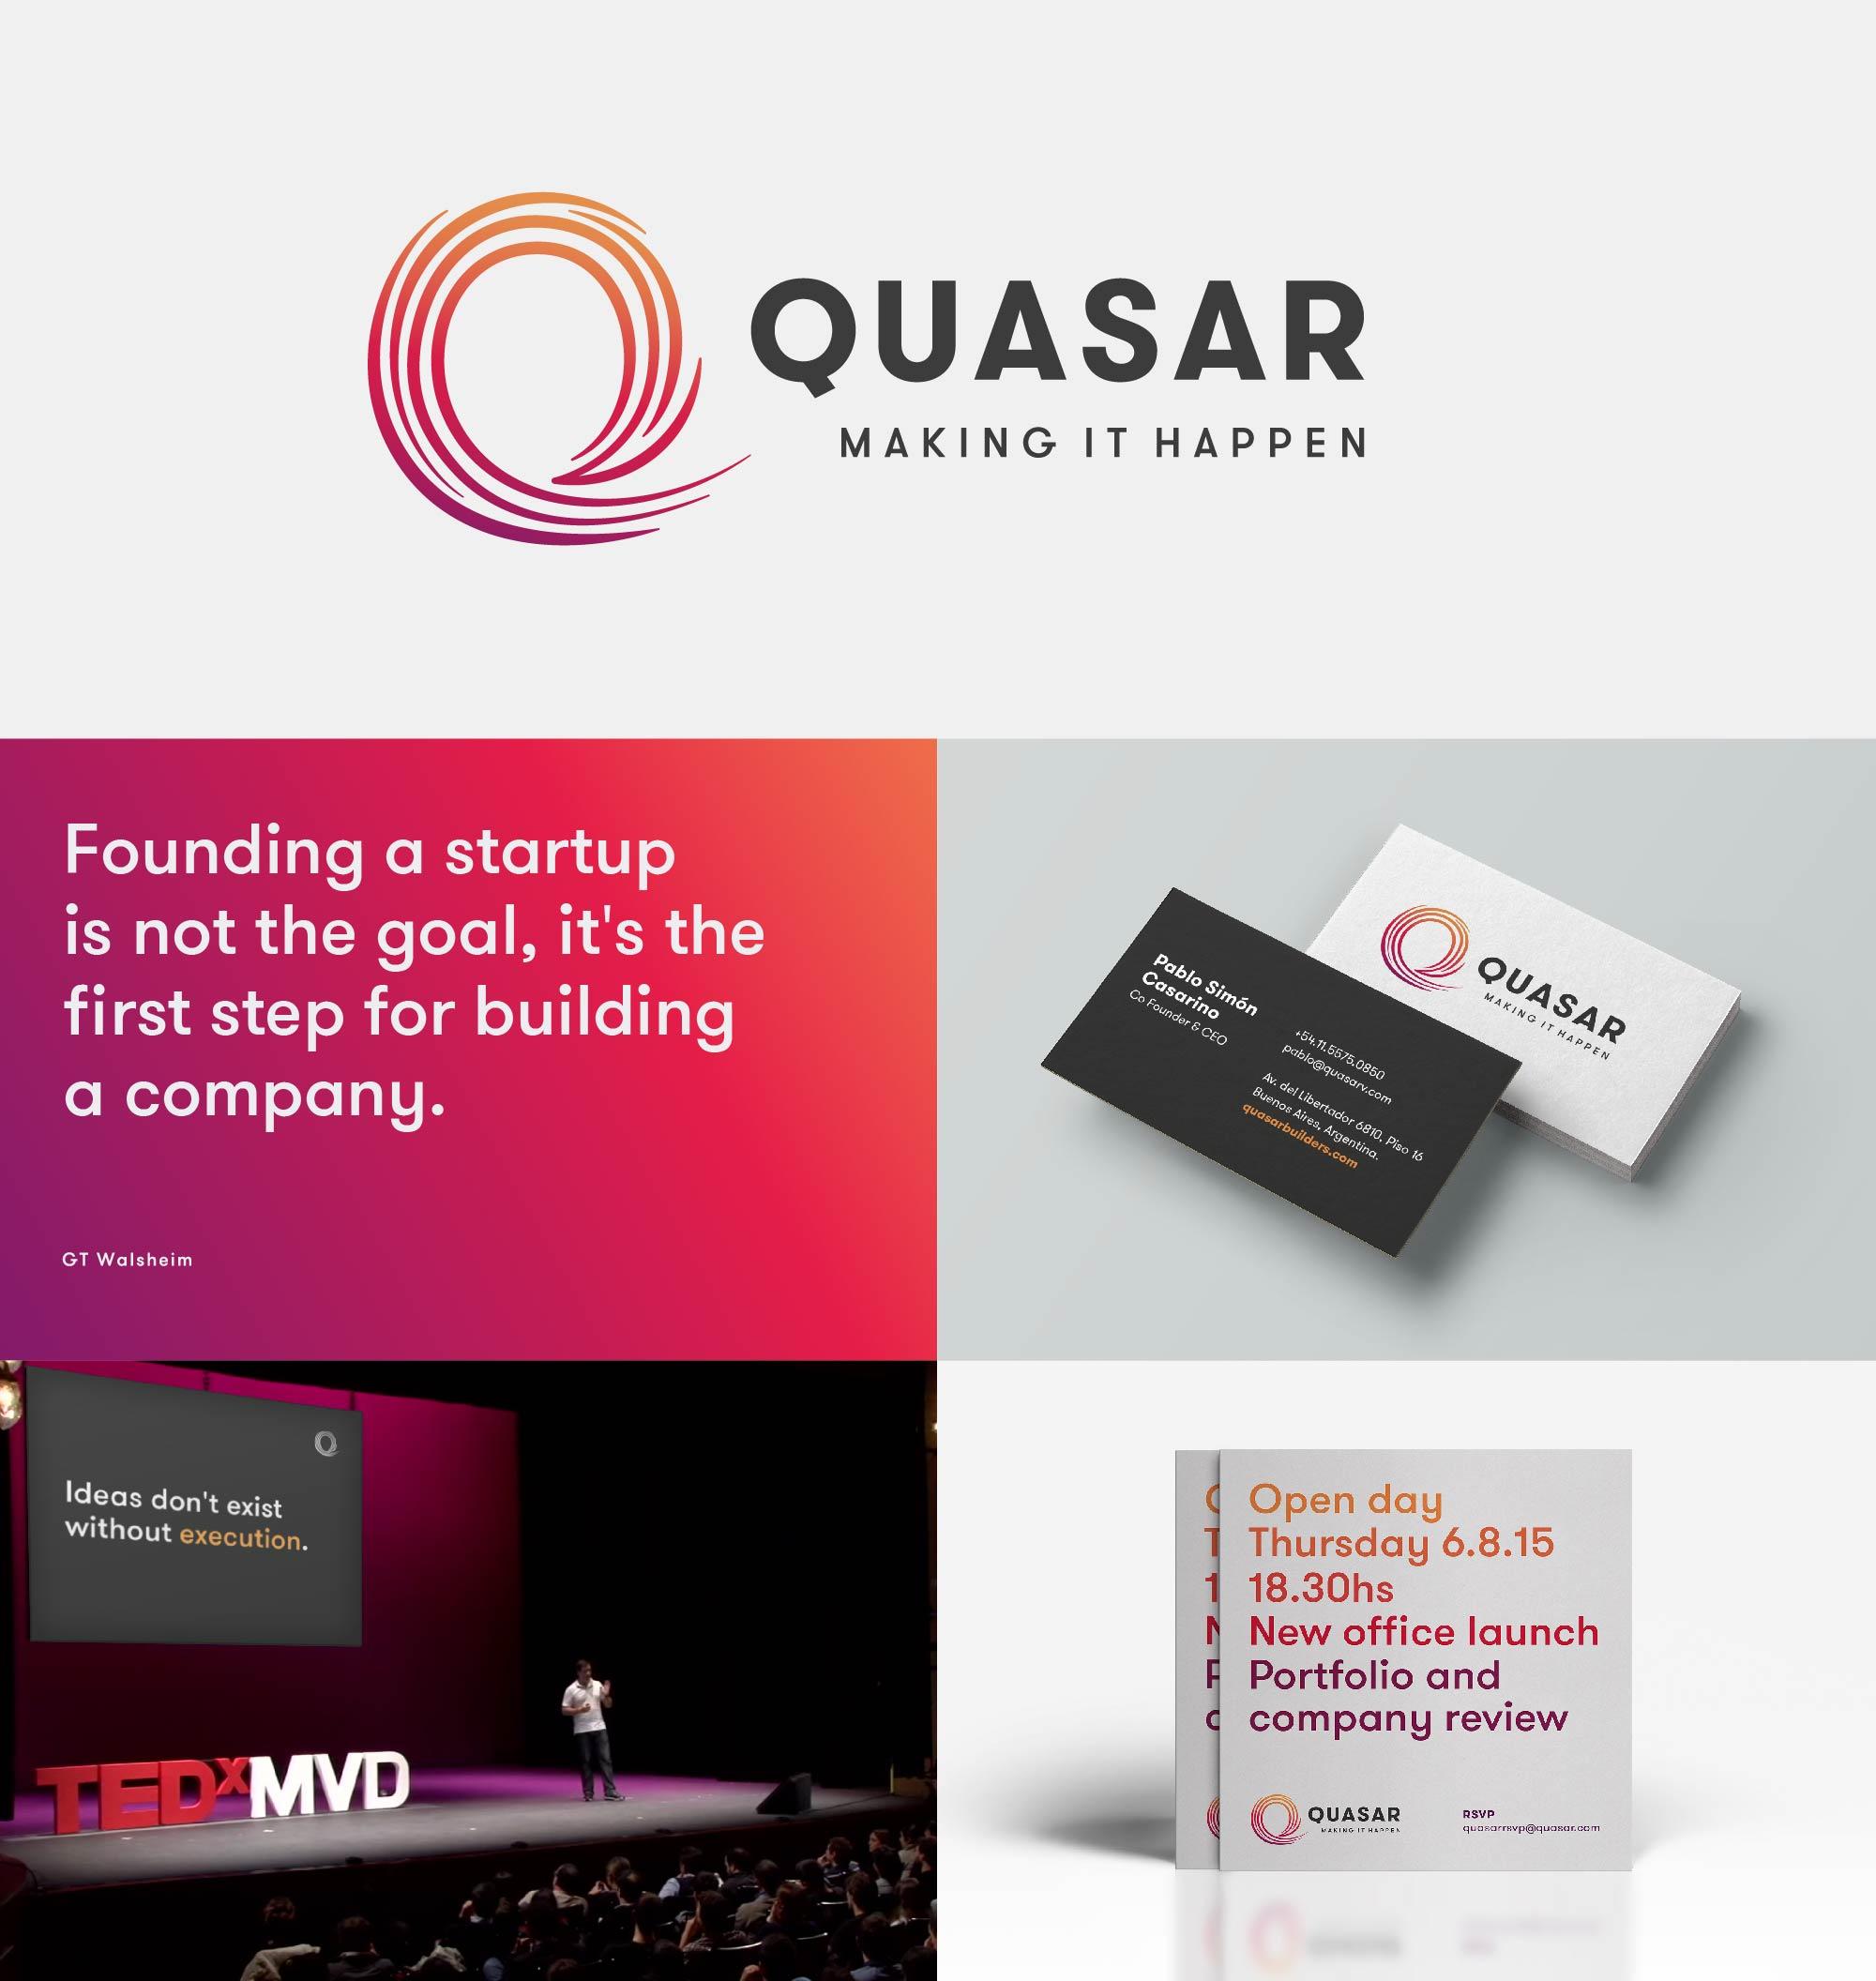 quasar-03